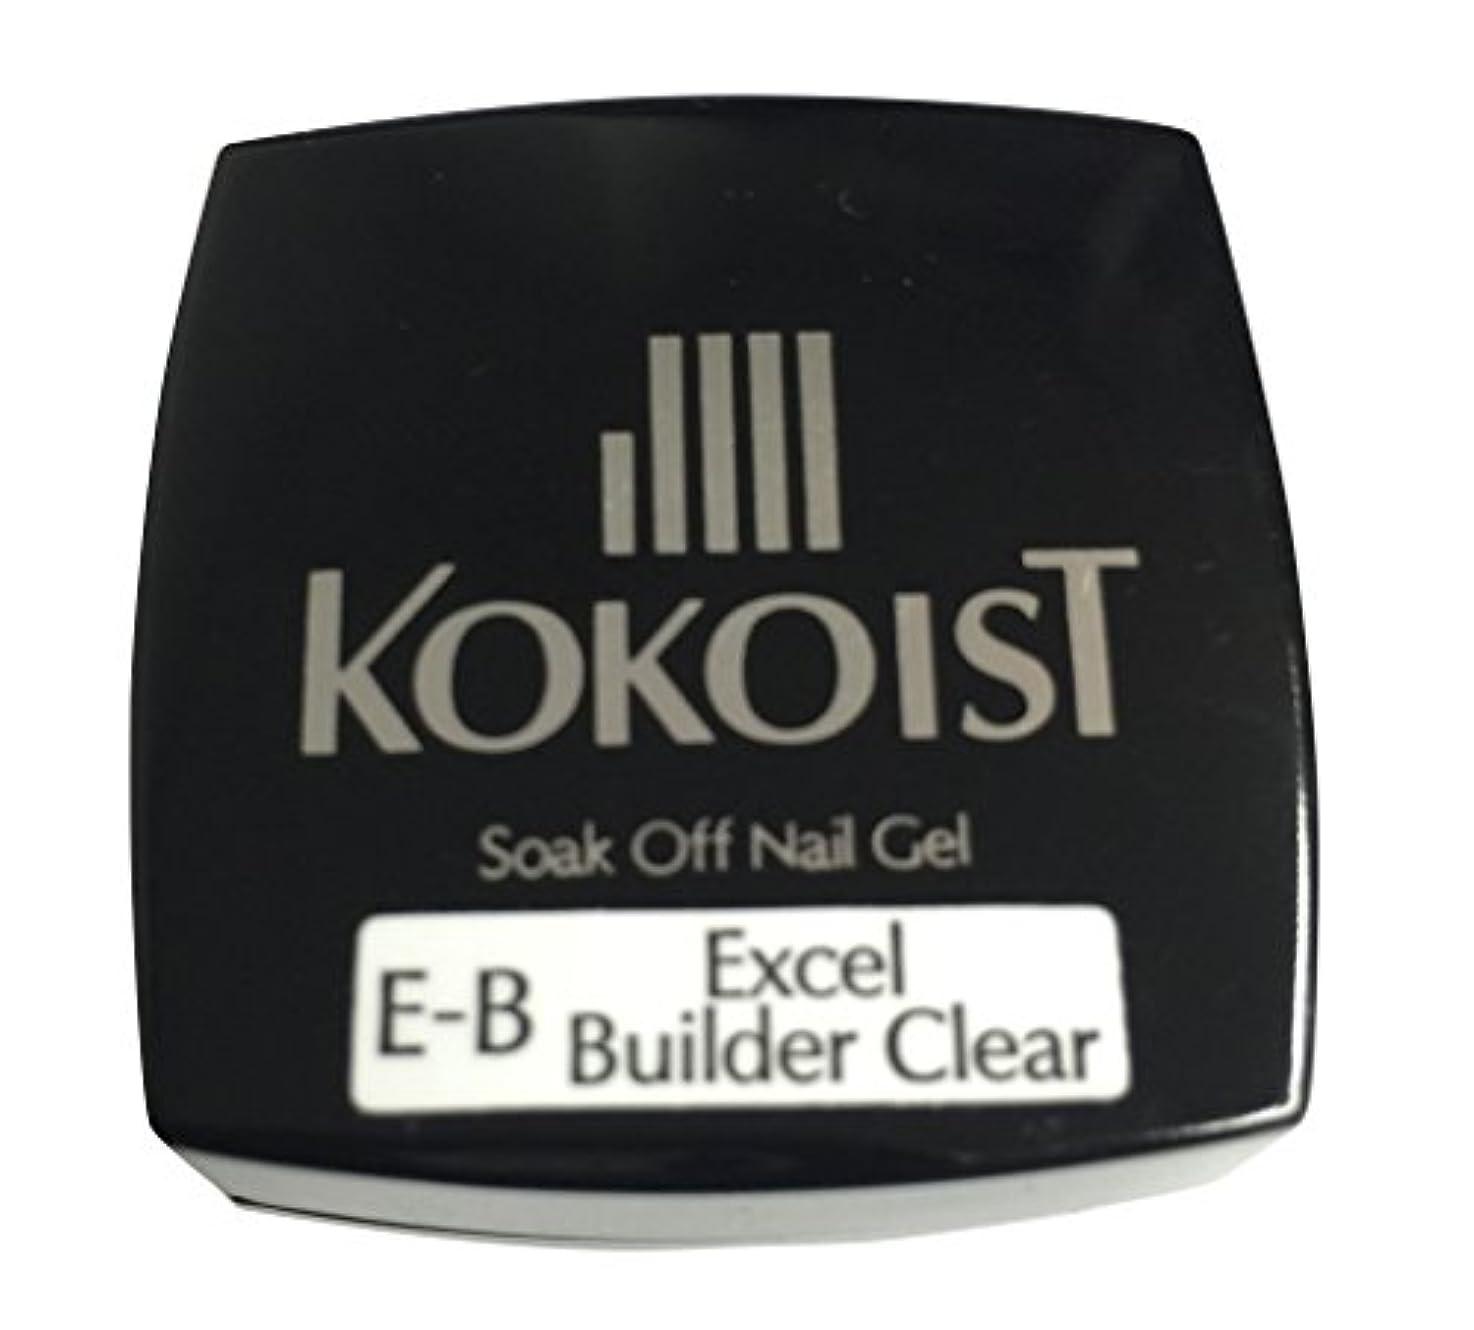 患者離す却下するKOKOIST(ココイスト) ソークオフクリアジェル エクセルビルダー  4g